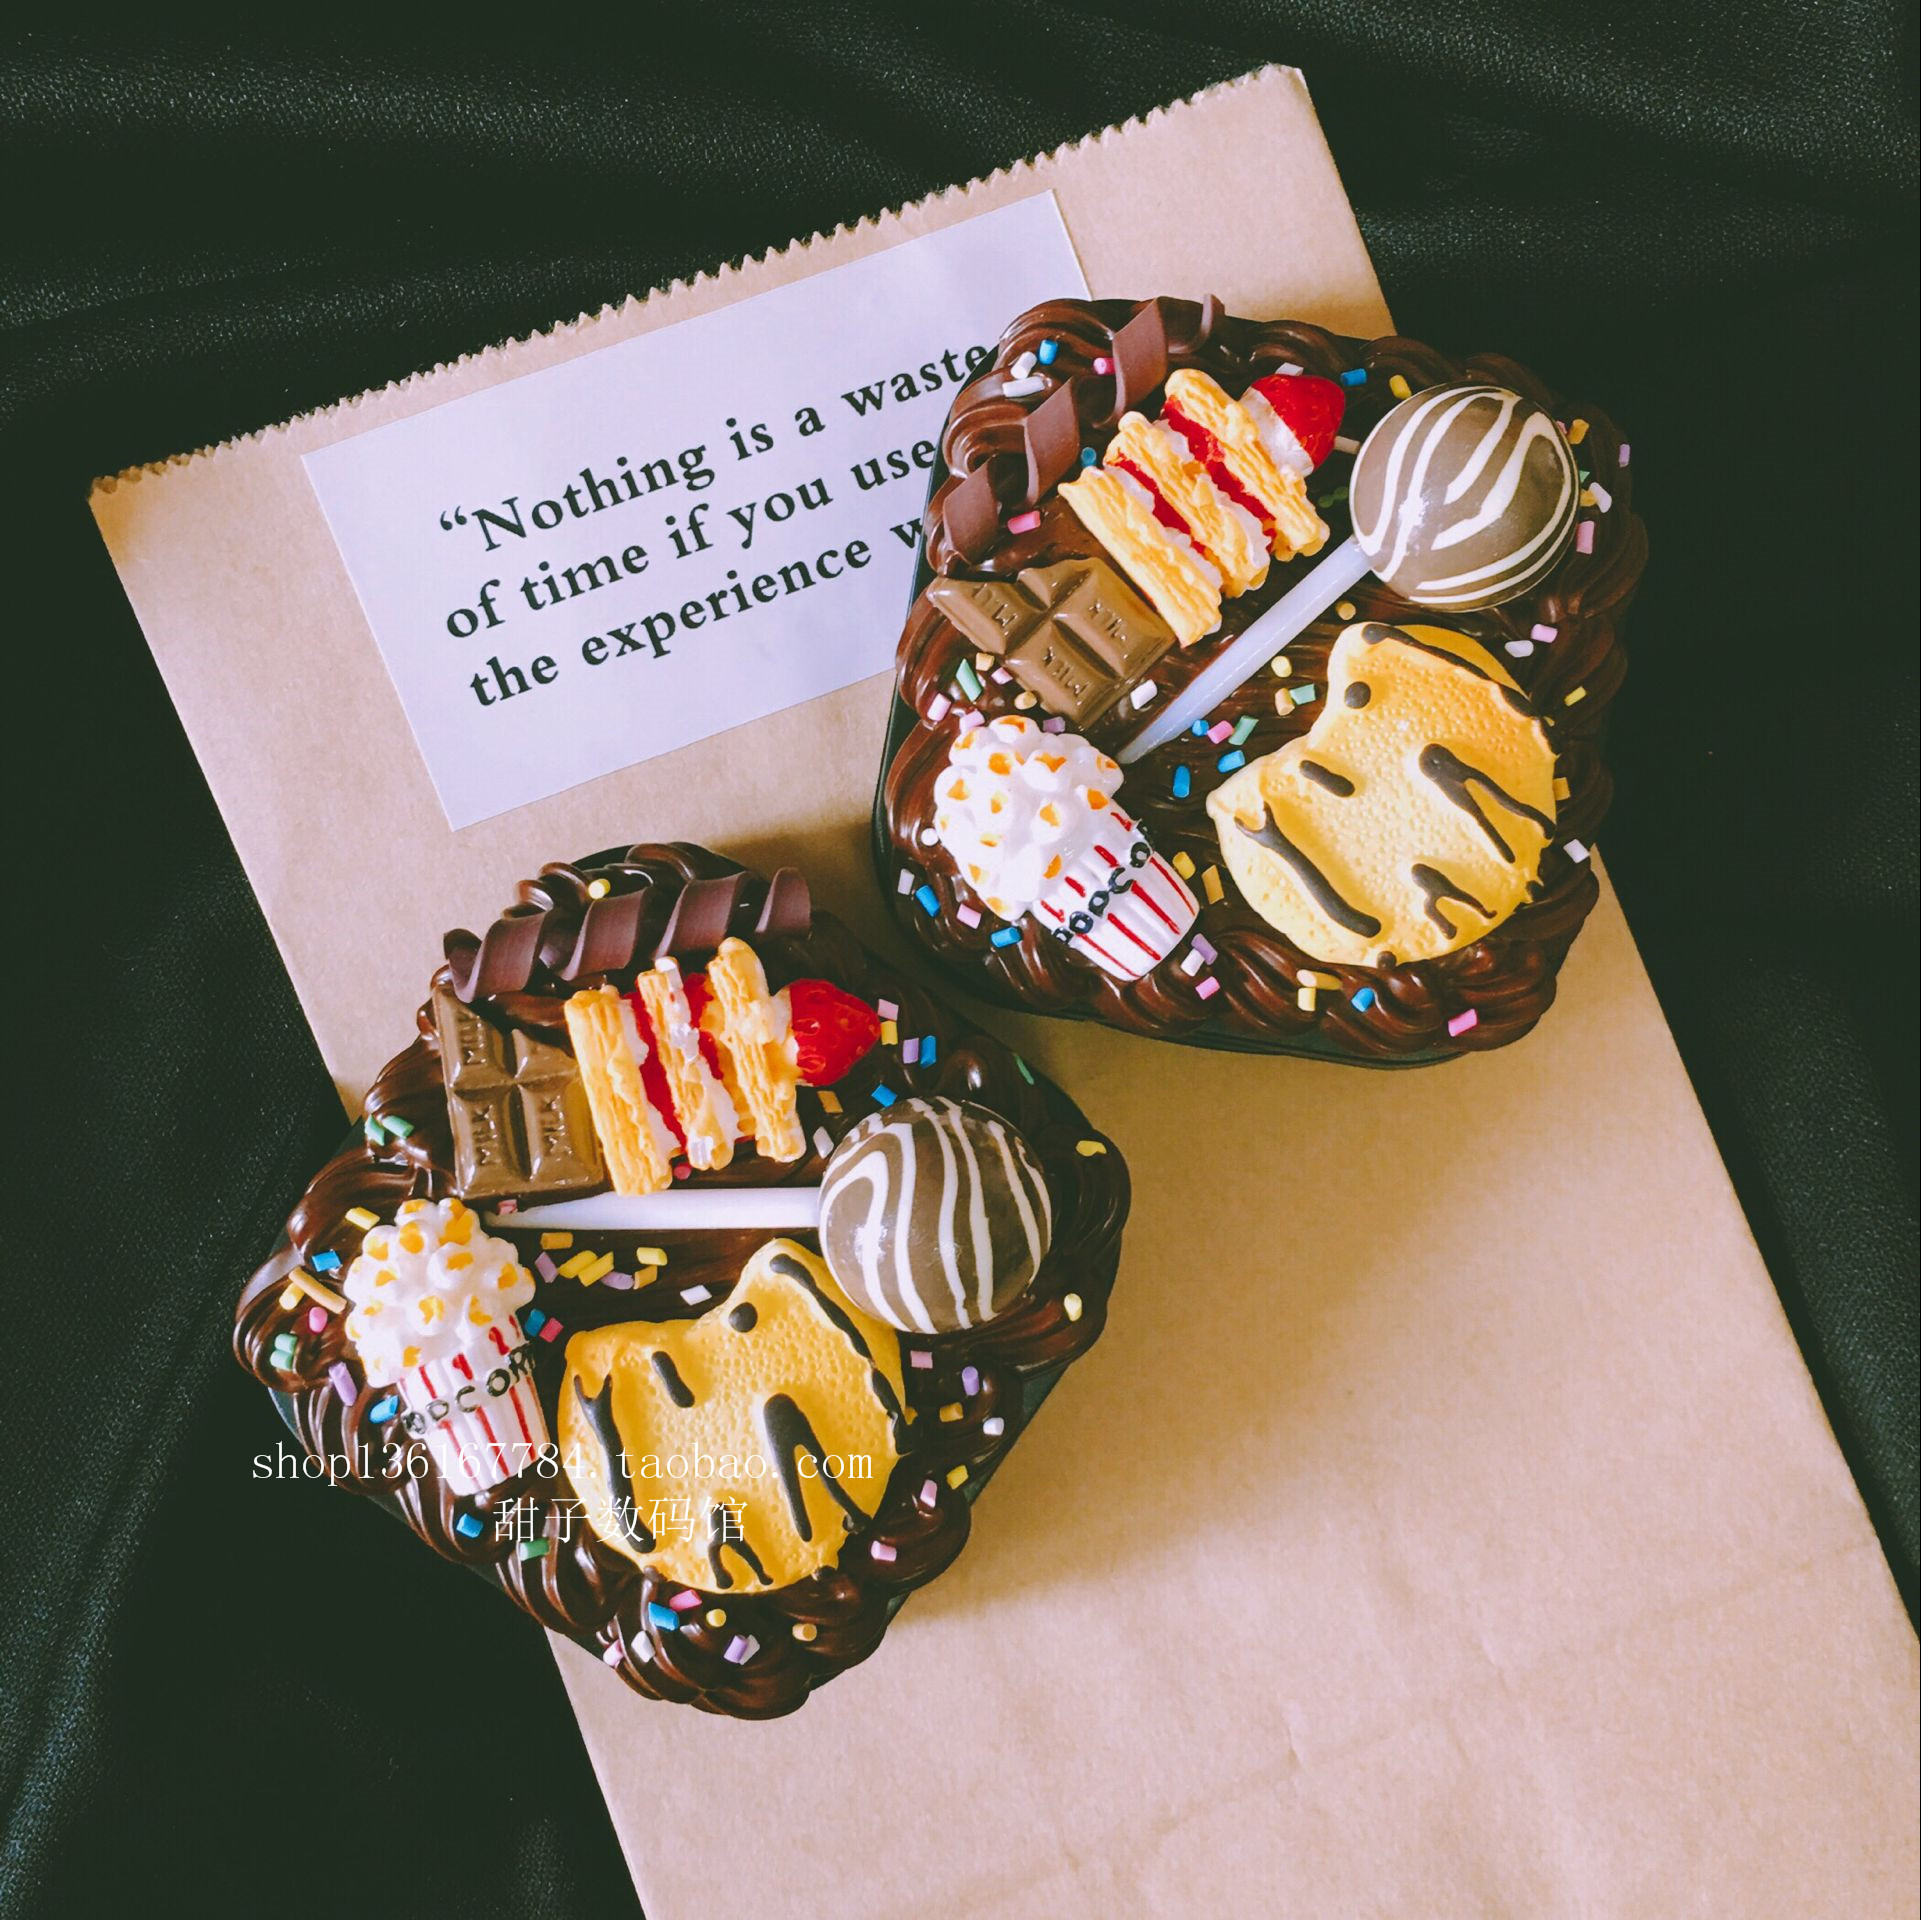 Cookie Lollipop Kem tráng miệng Hộp tiếp xúc Hộp màu Hộp liên hệ Handmade Hộp đôi Hộp đồng hành - Swiss Army Knife